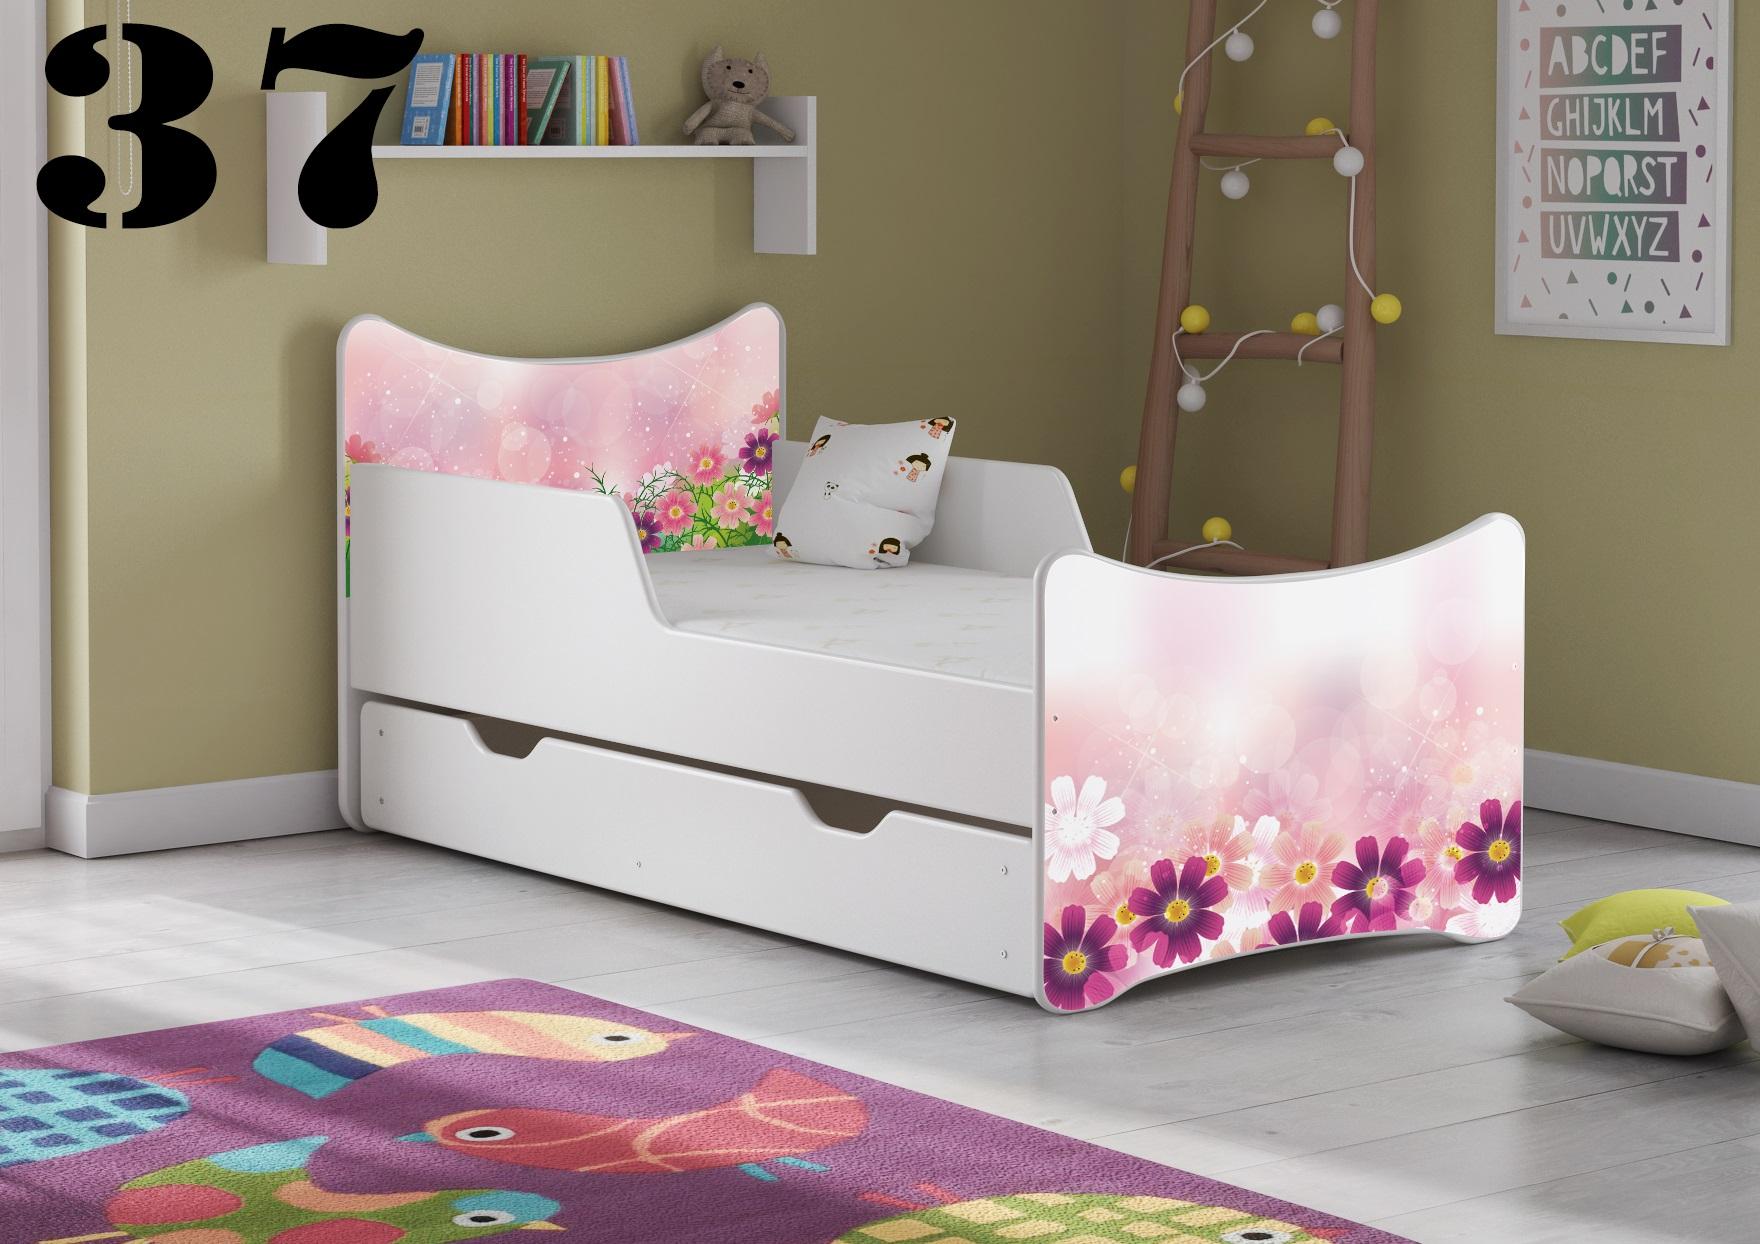 Detská posteľ SMB Pes a mačka 16 Prevedenie: Obrázok č.37